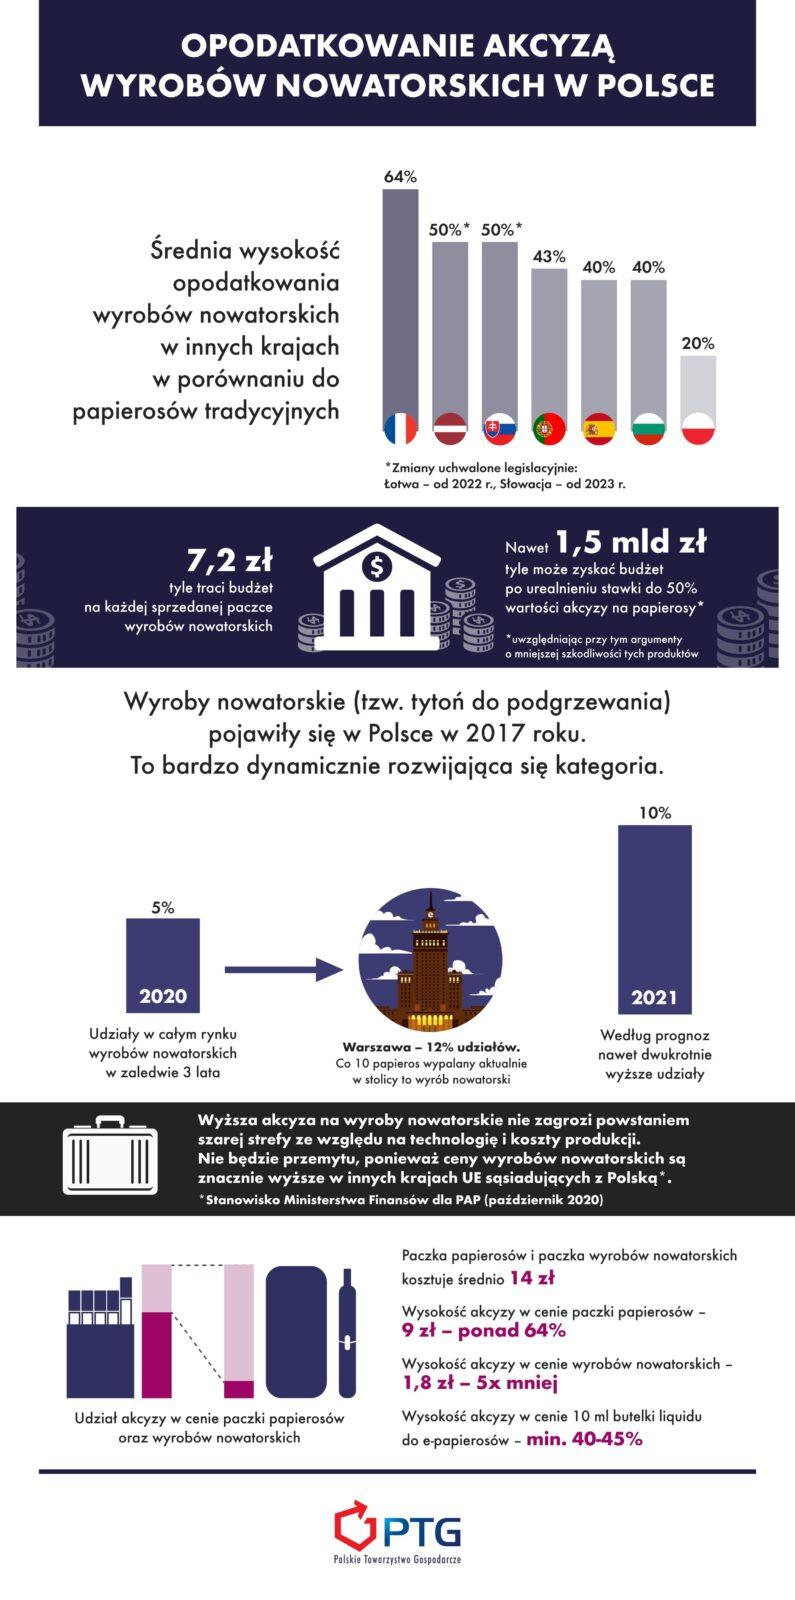 opodatkowanie podatkiem akcyzowym branży tytoniowej w Polsce